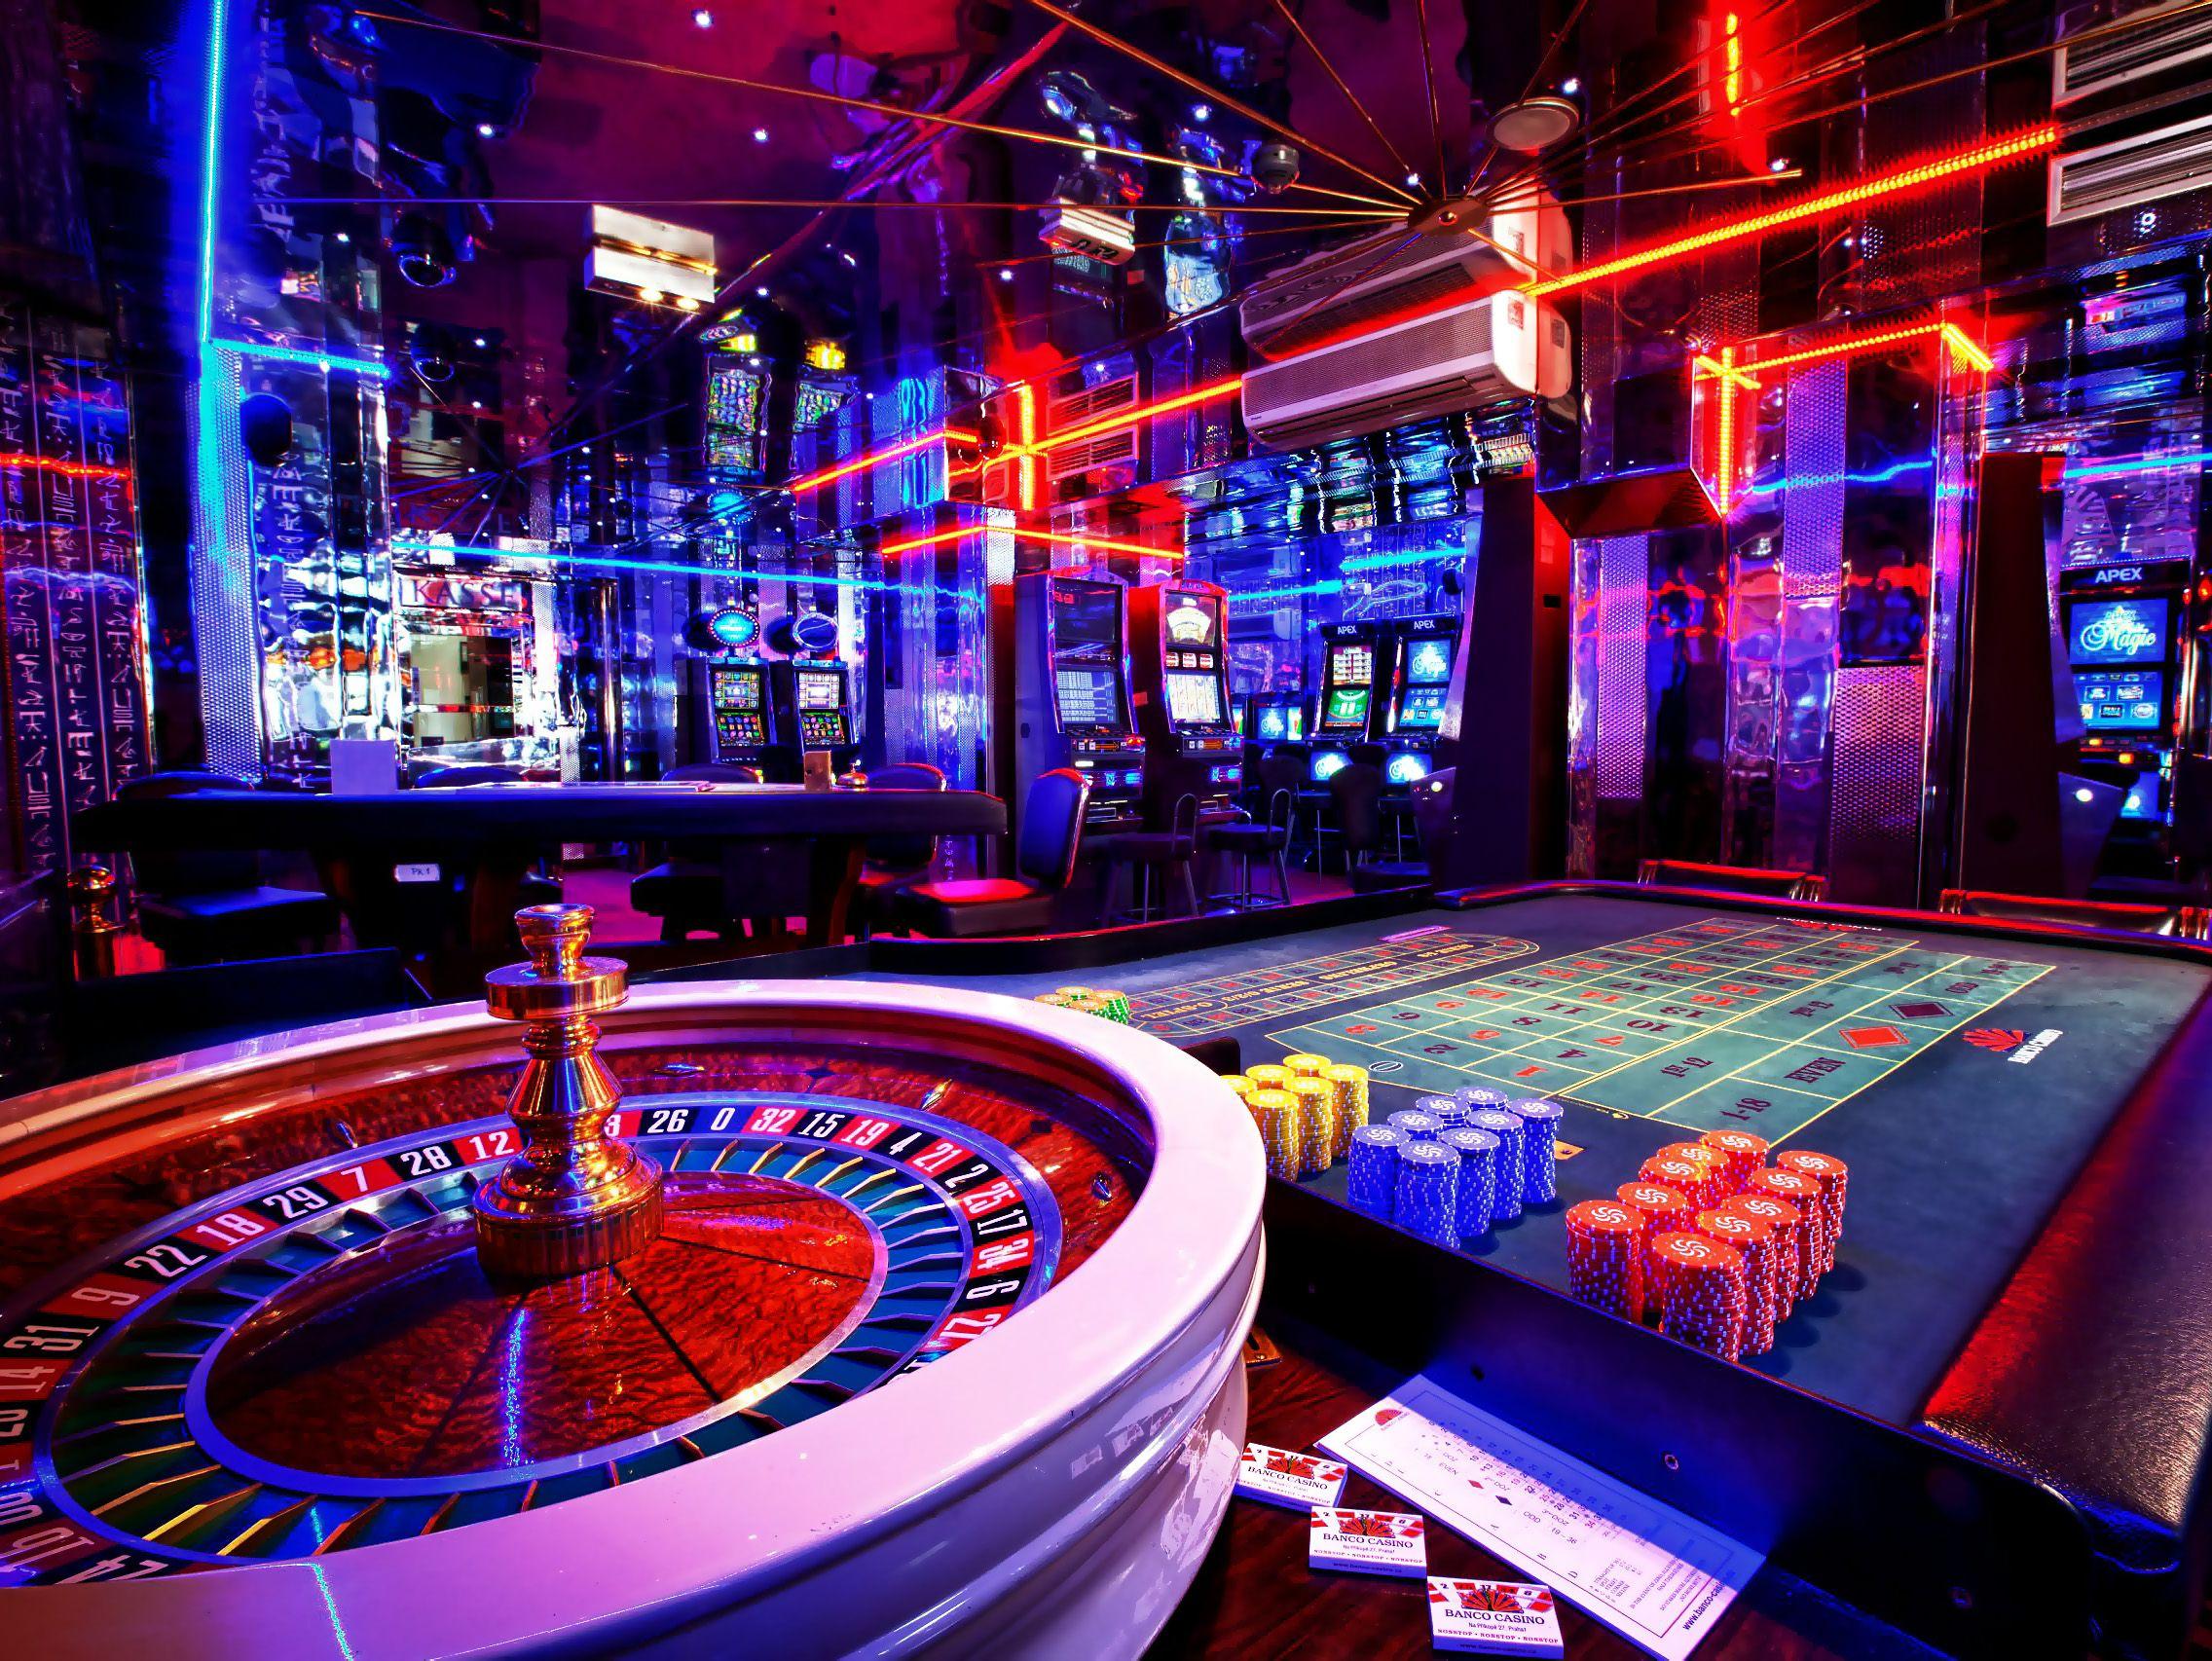 клуб казино игровой айс